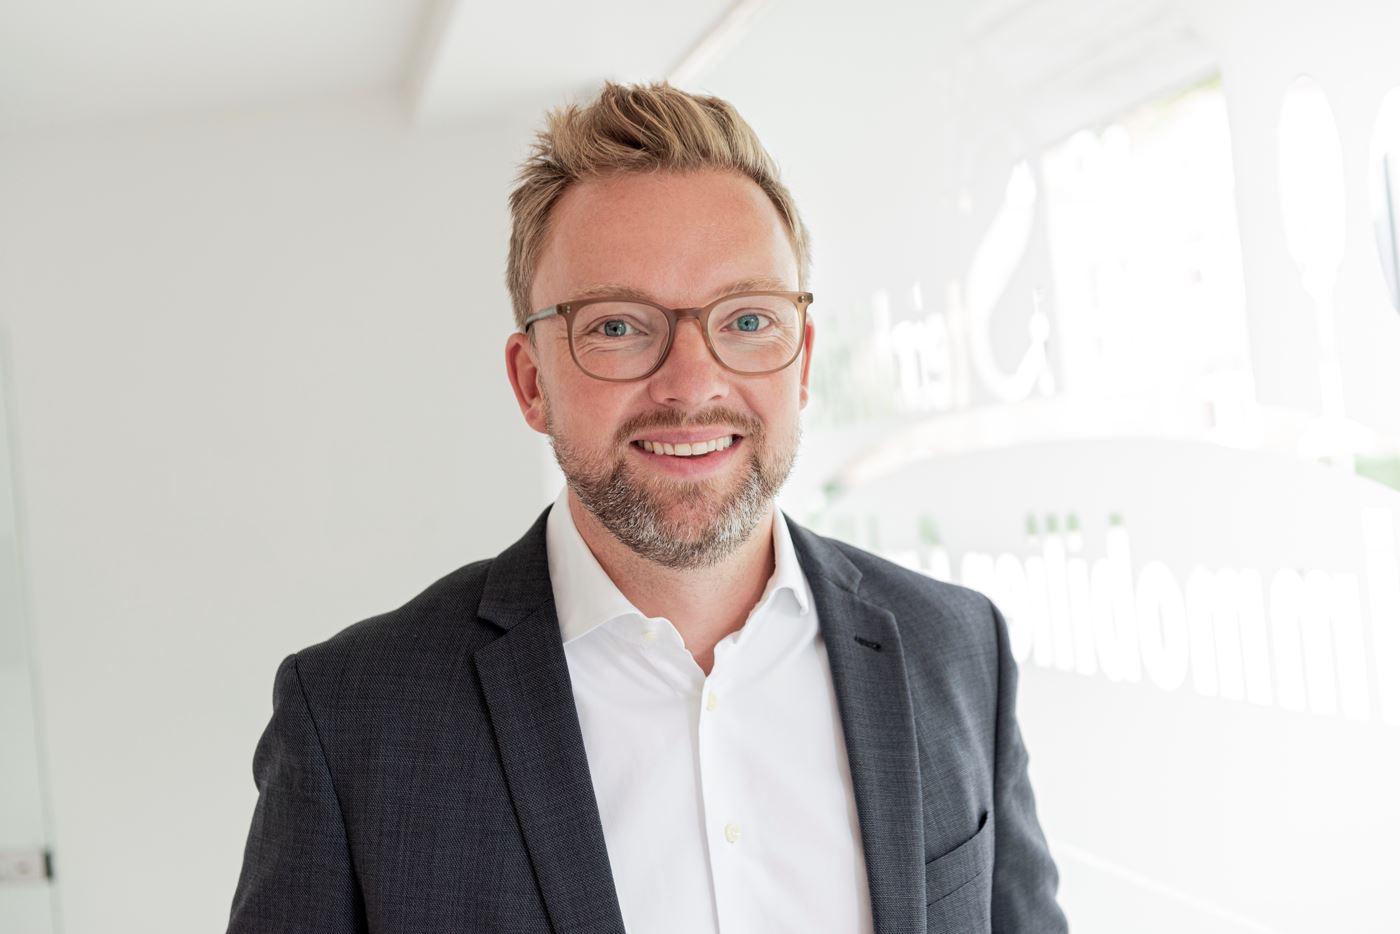 Münsteraner Immobilienmakler im Portrait: 3 Fragen an Steinbüchel Immobilien GmbH